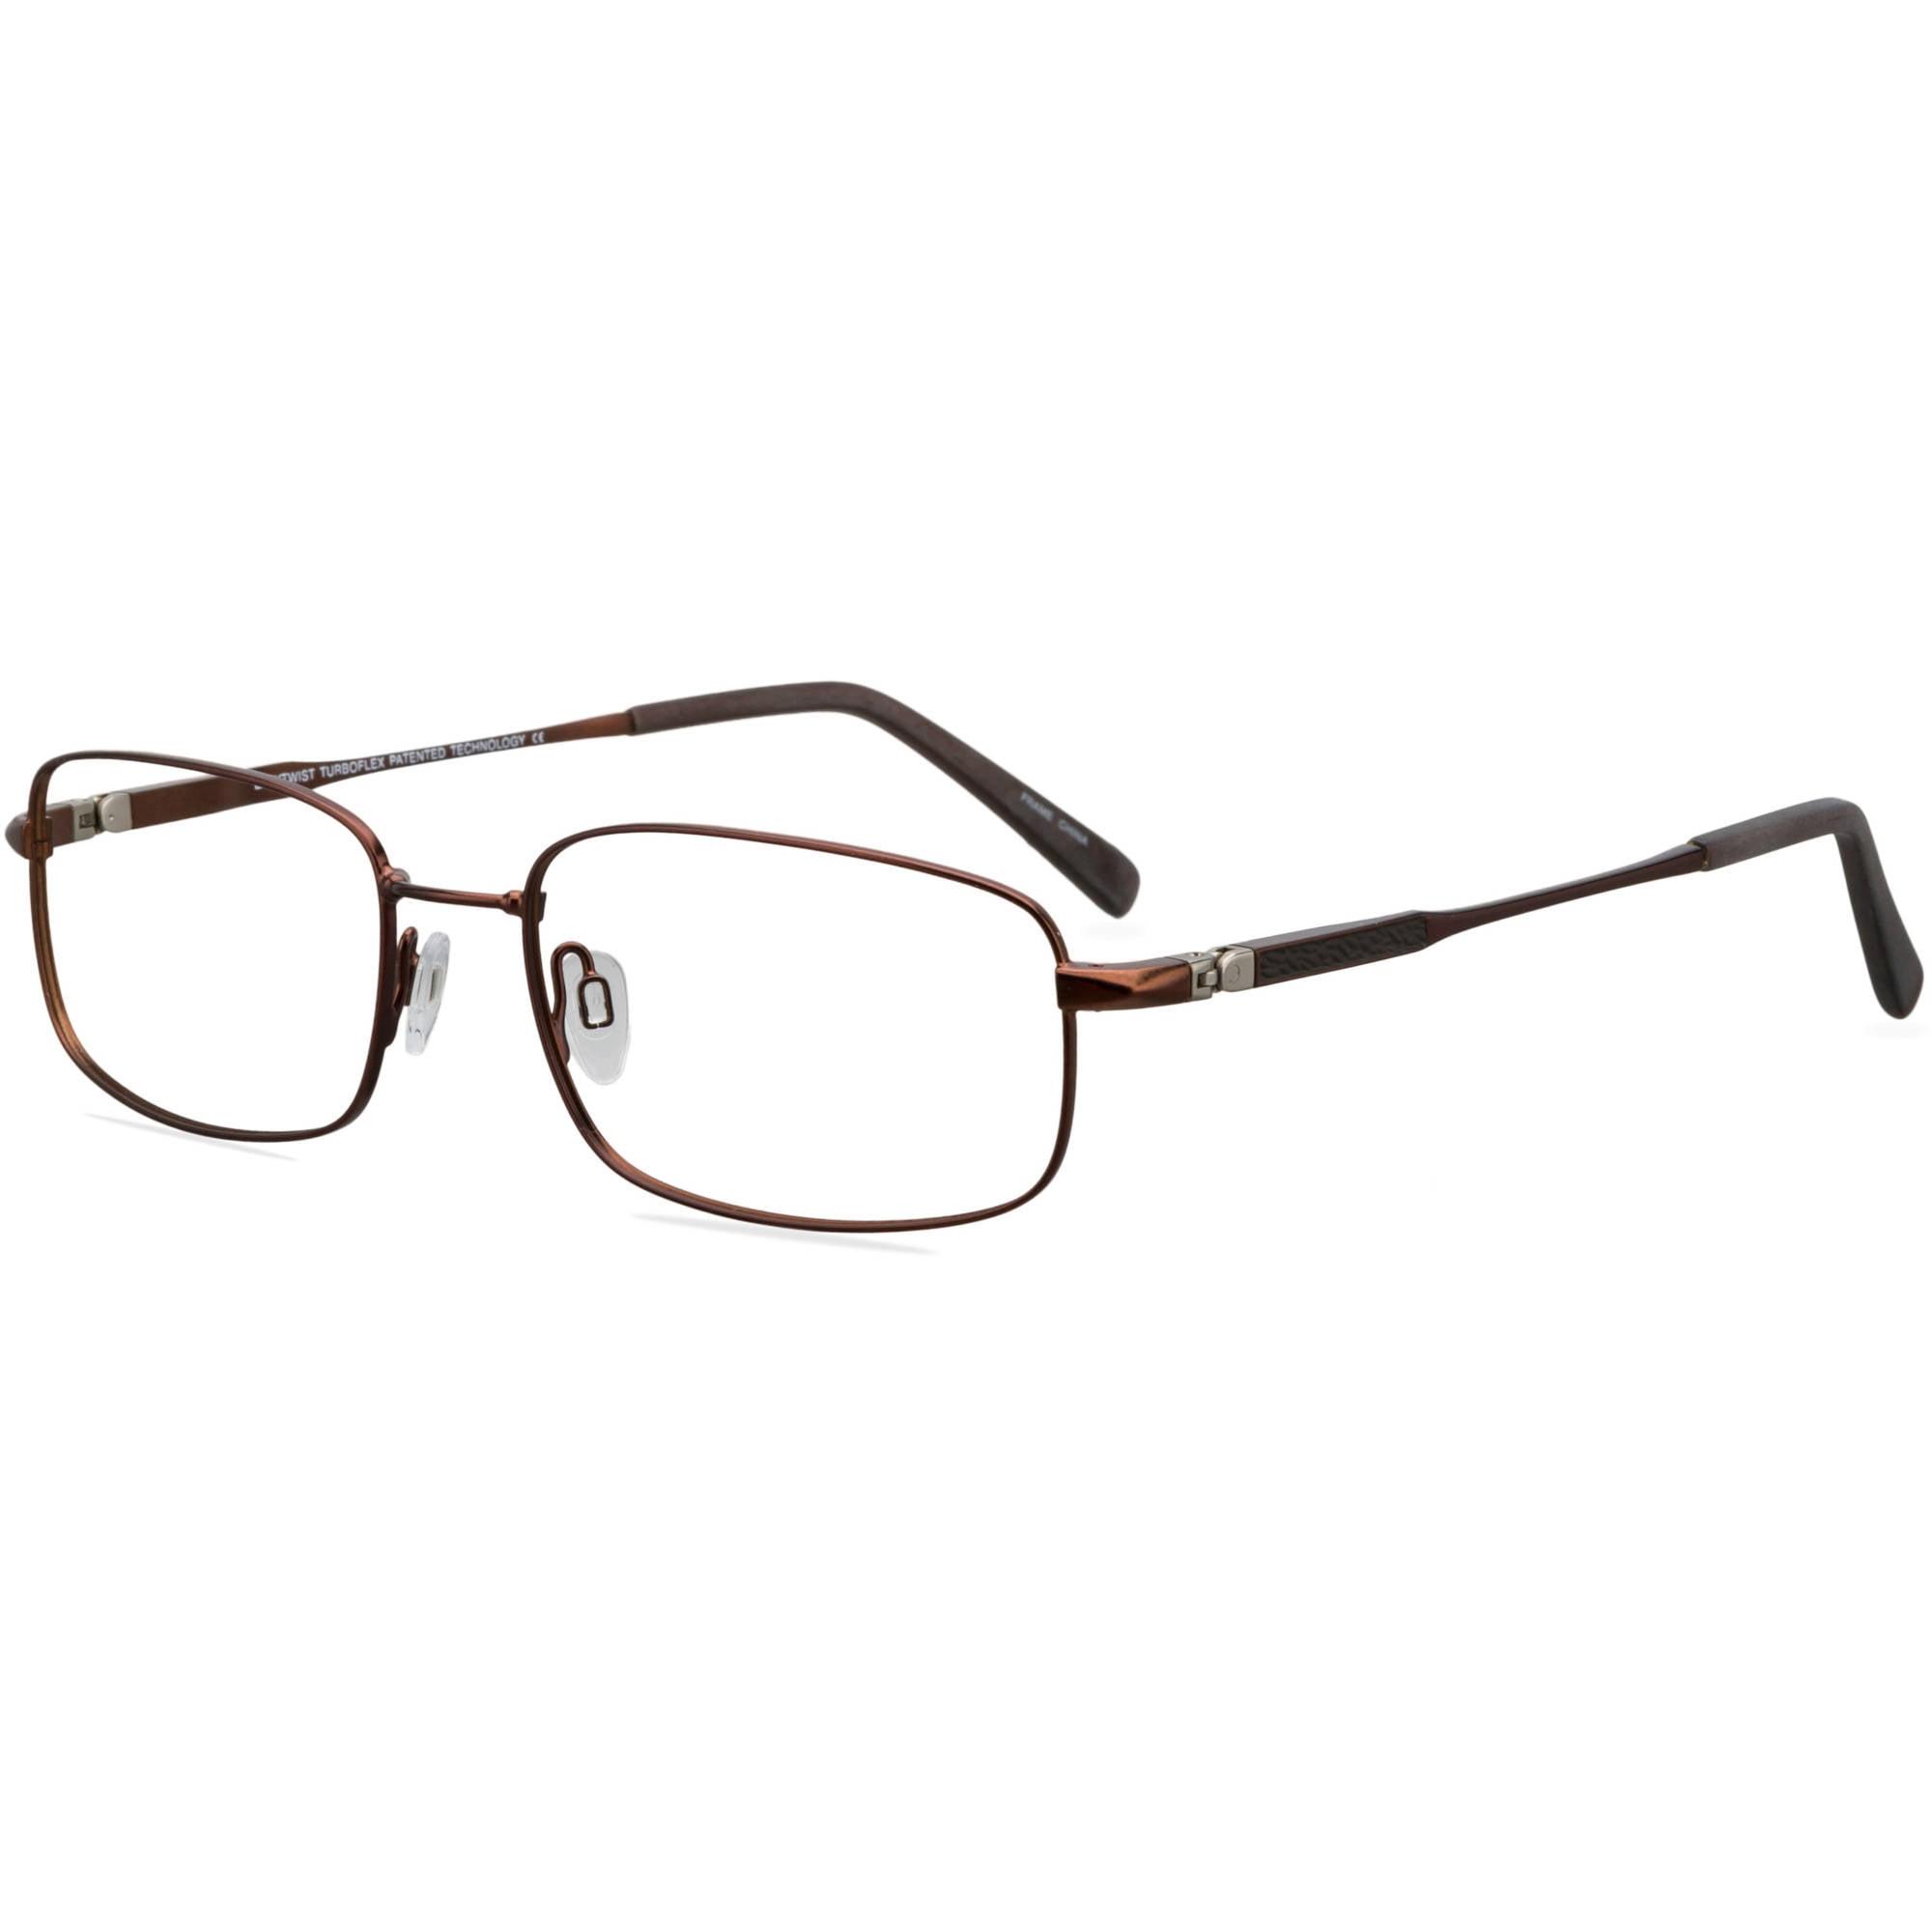 EasyTwist TurboFlex Mens Prescription Glasses, ET931 Brown